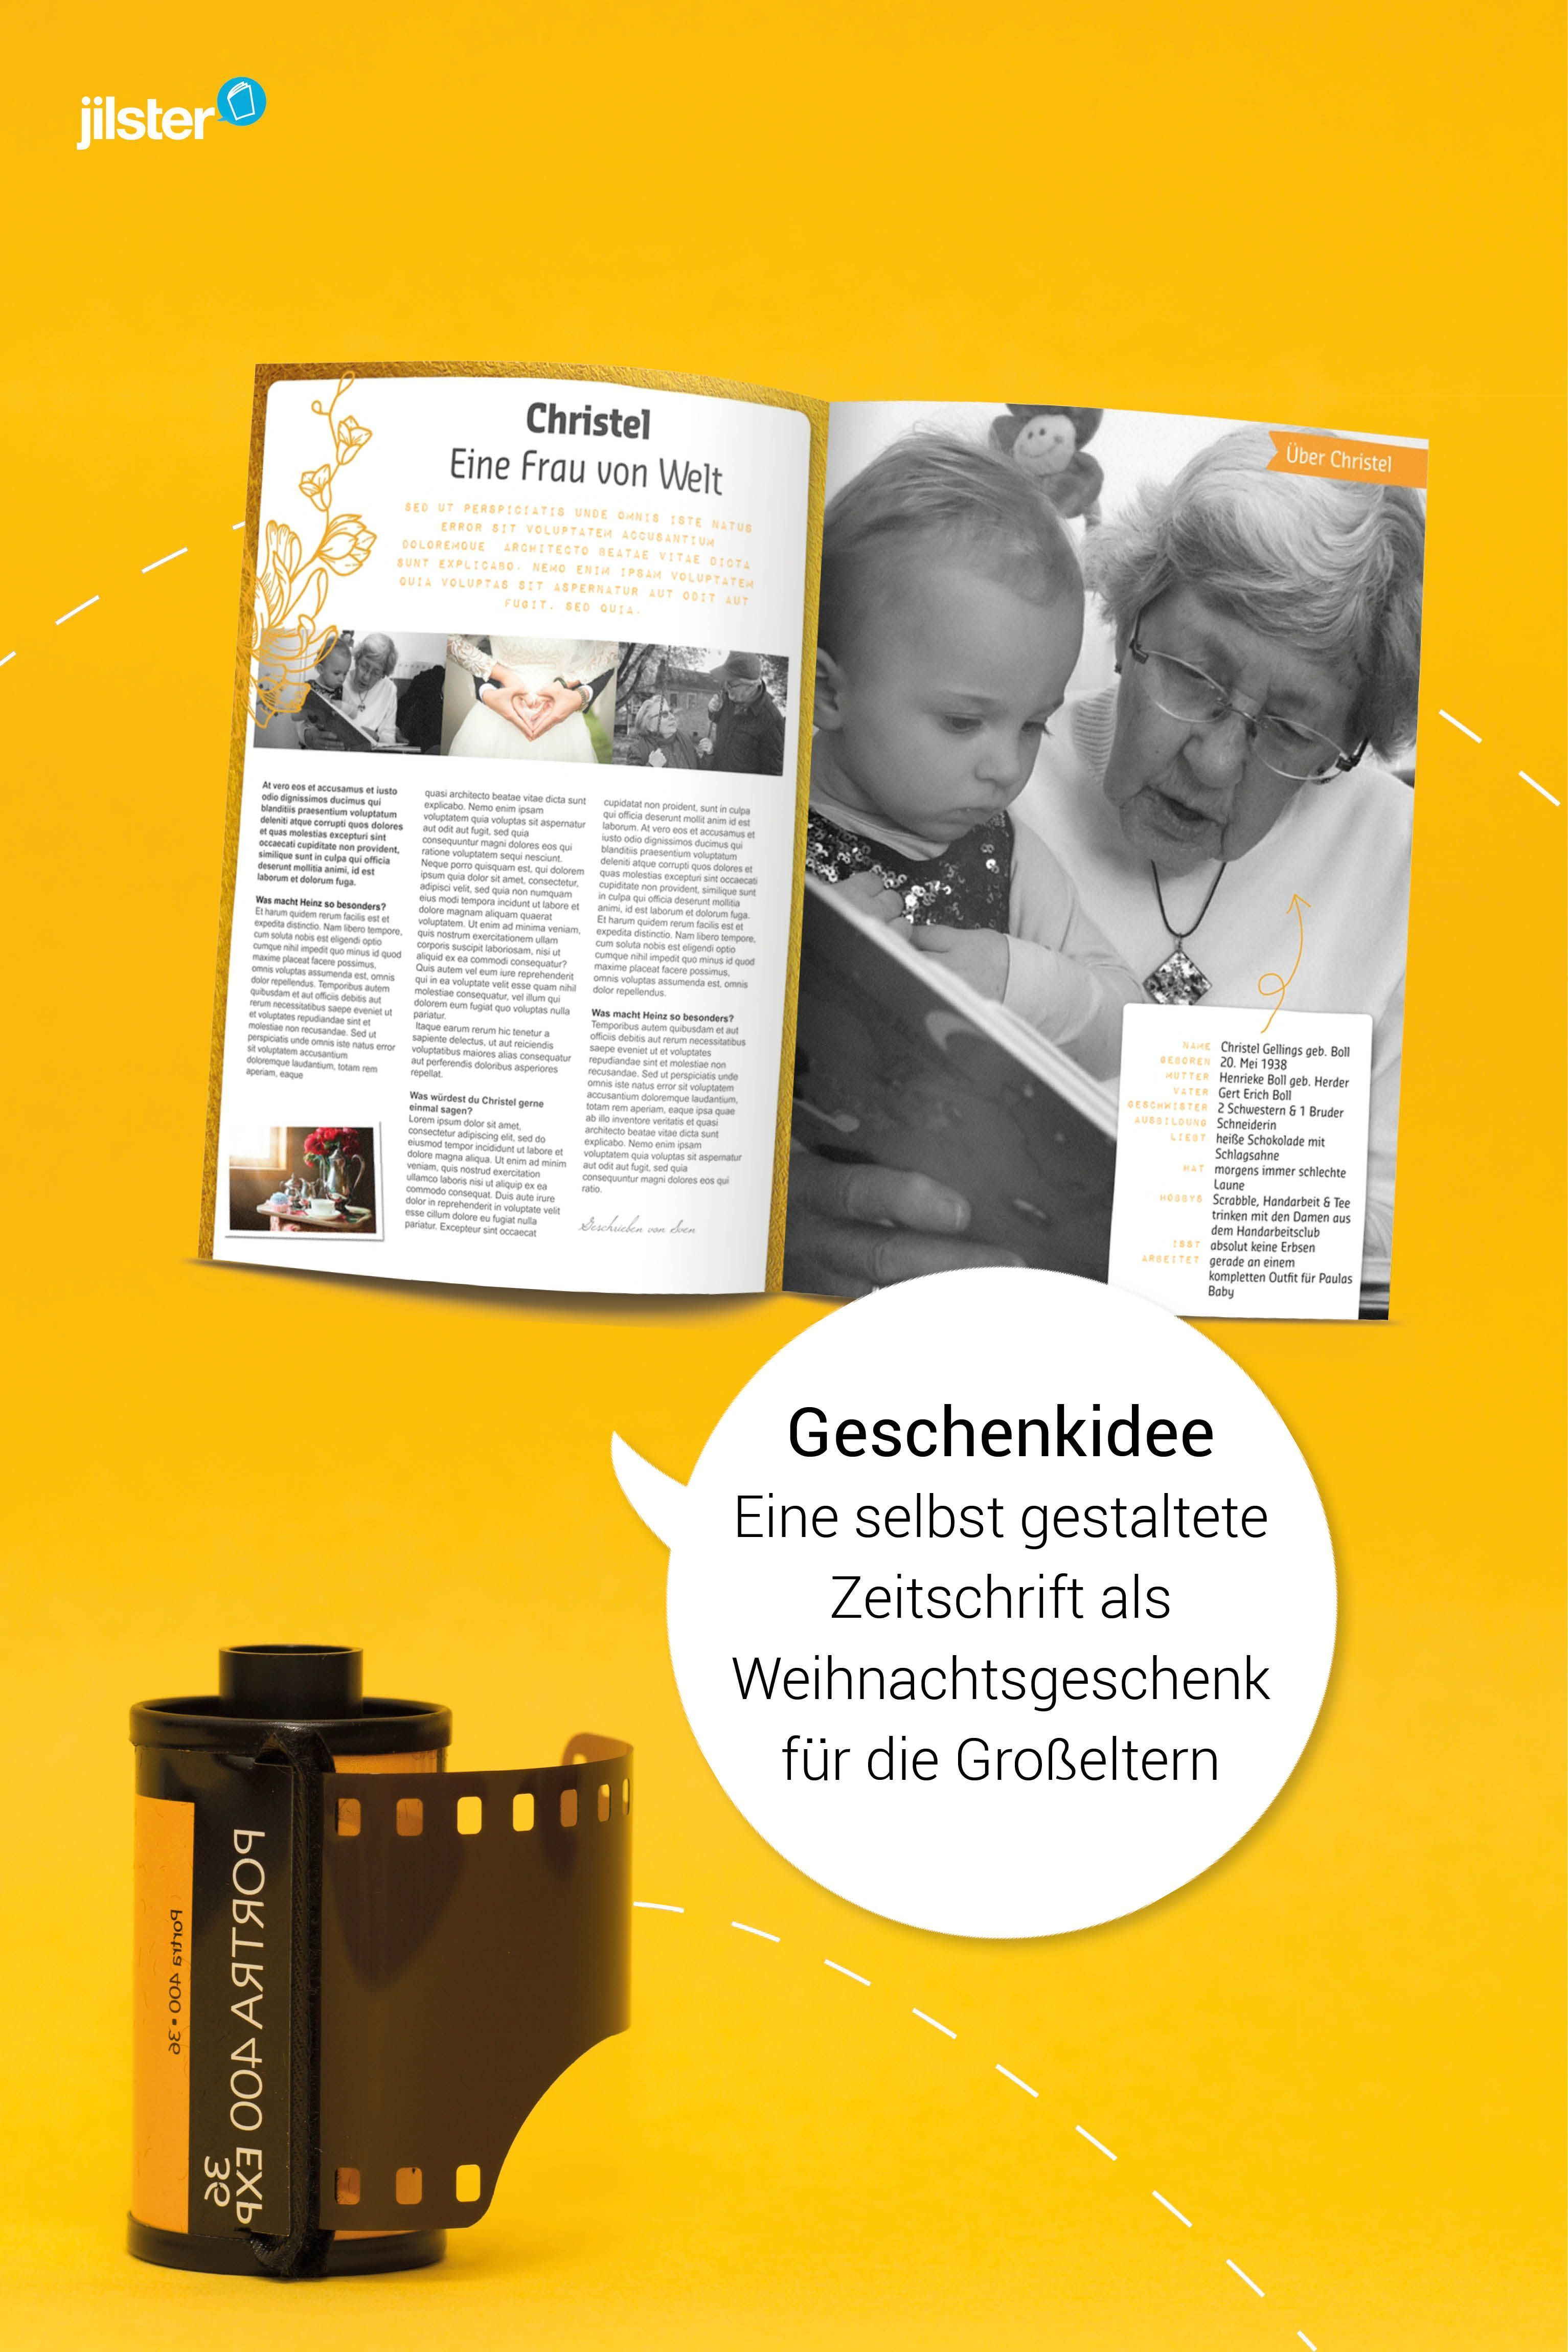 Weihnachtsgeschenk für Großeltern gestalten - Jilster Blog ...